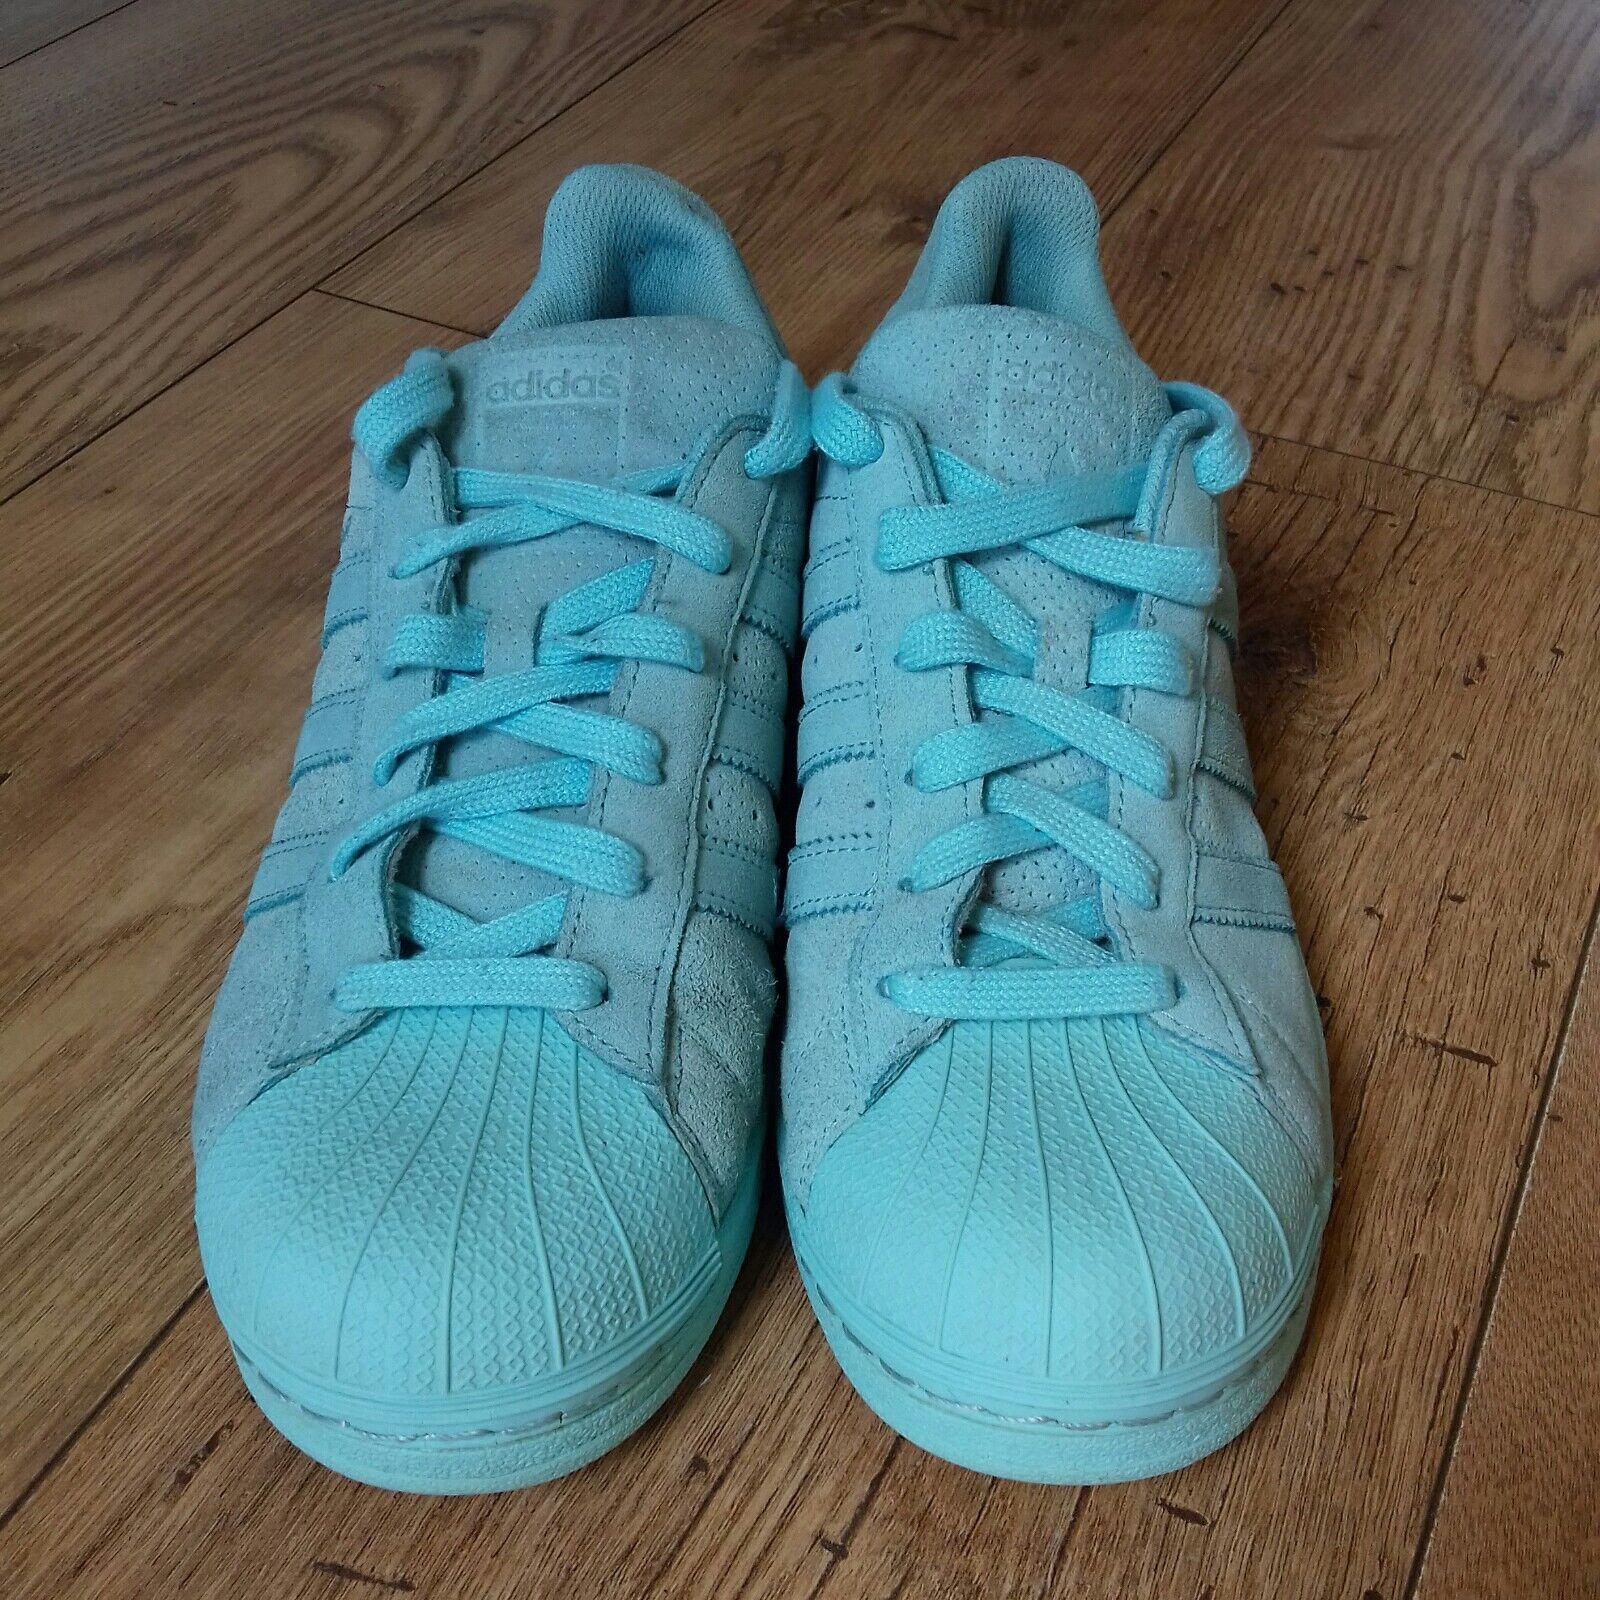 Bleu Clair Adidas Superstar Baskets Taille 6.5